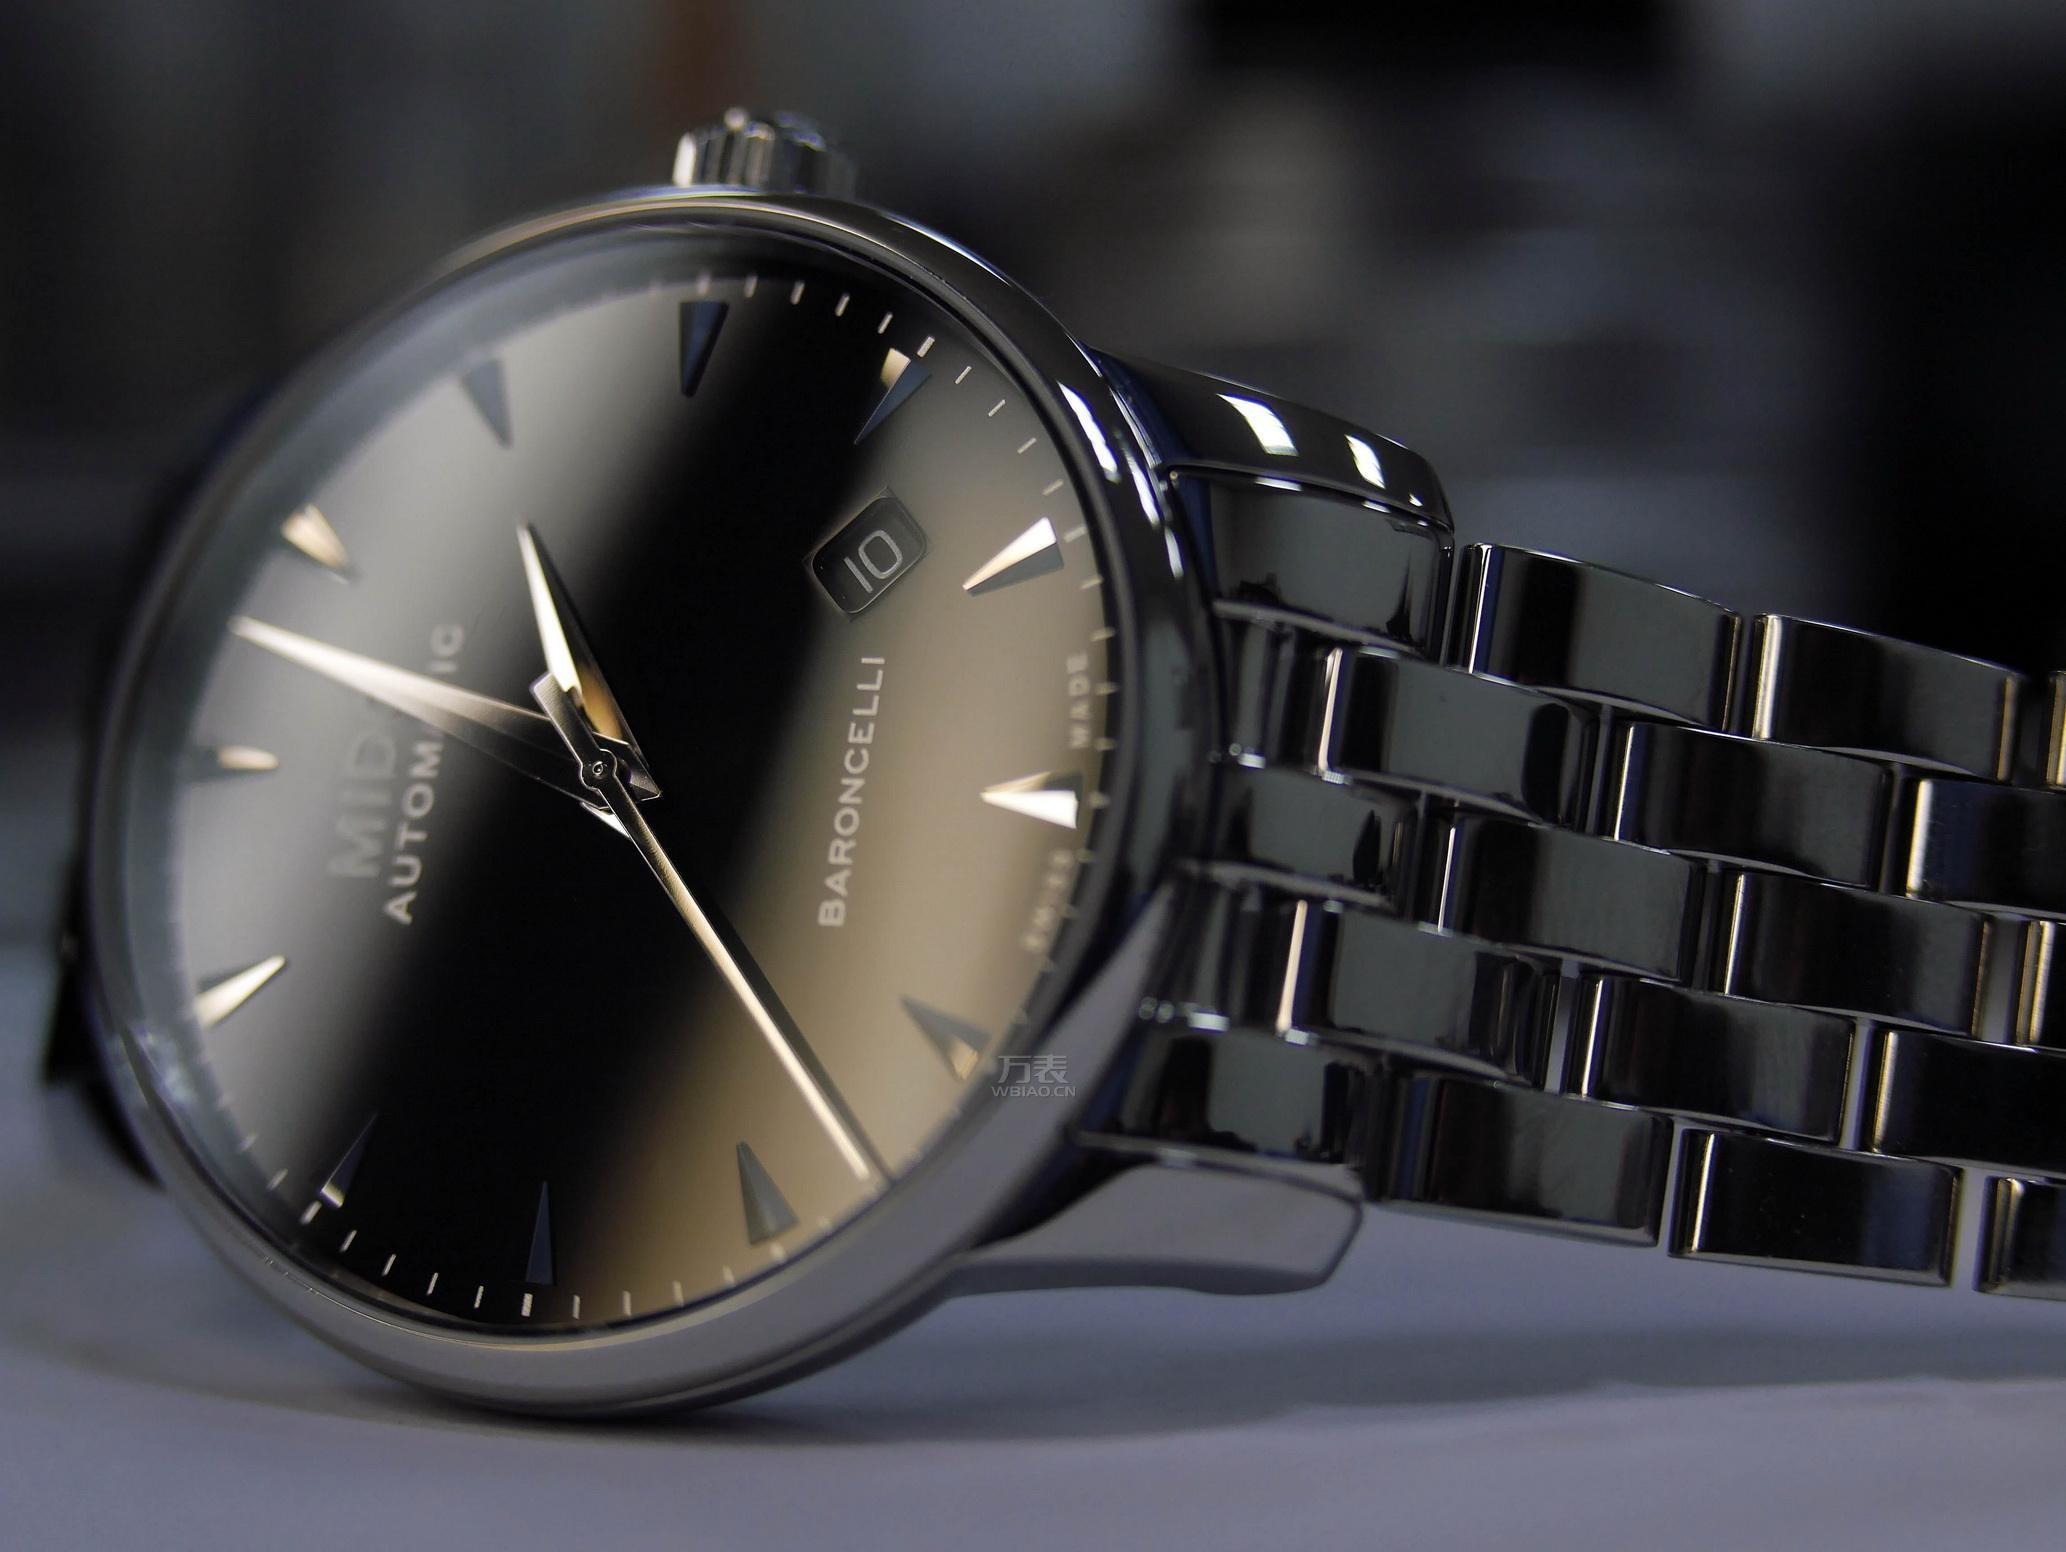 艾美手表摔坏了怎么修理?艾美手表摔坏后的保养方法